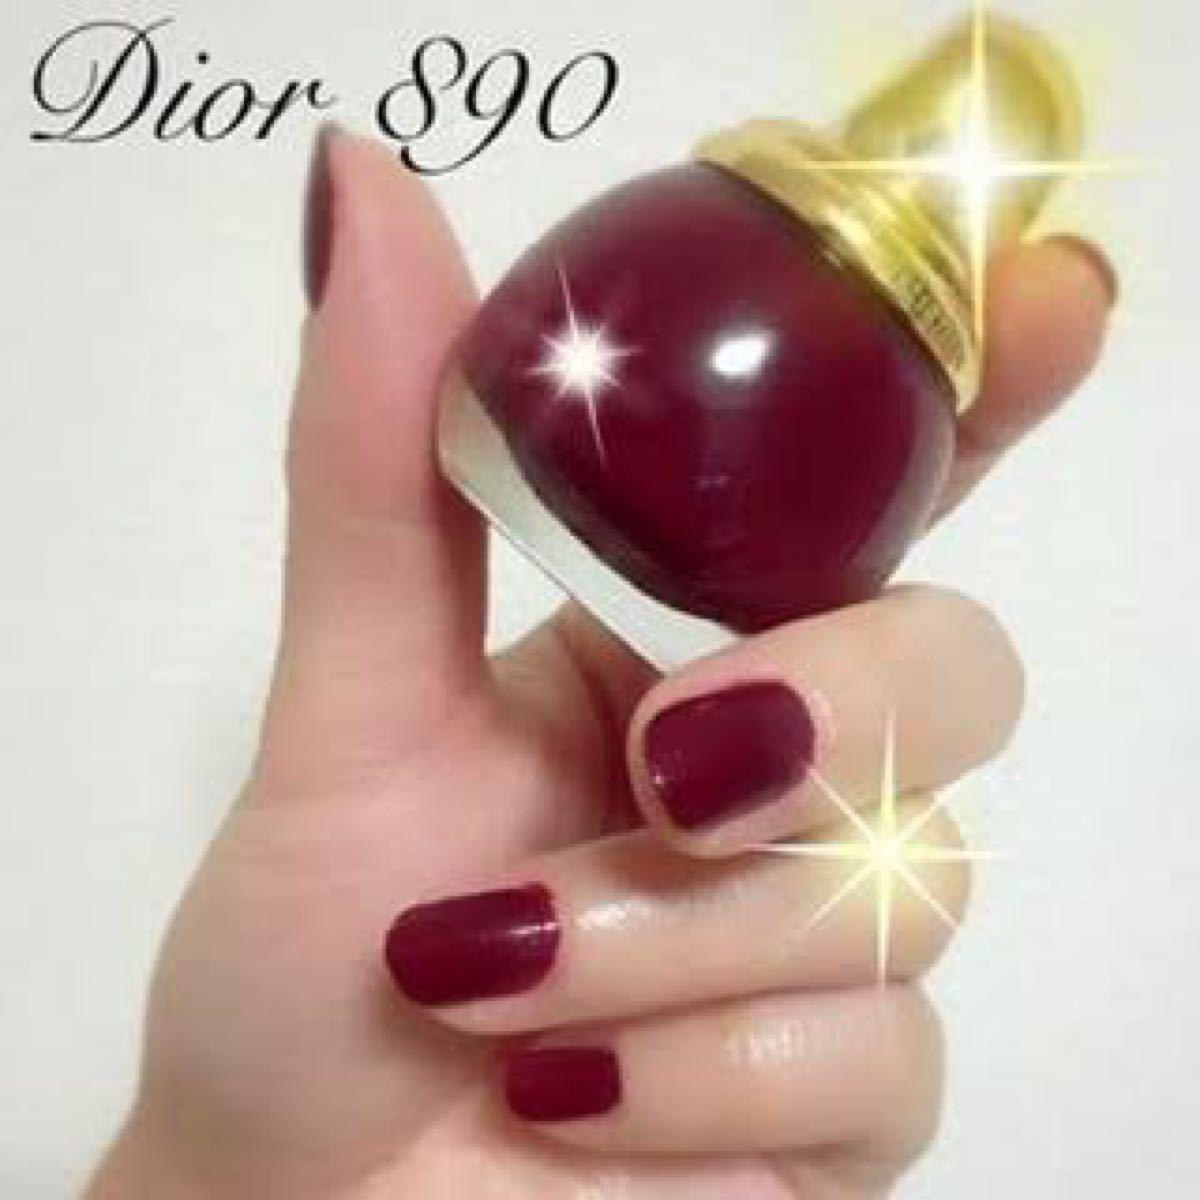 Diorディオール ヴェルニ ディオリフィック 890 オダス クリスマス限定